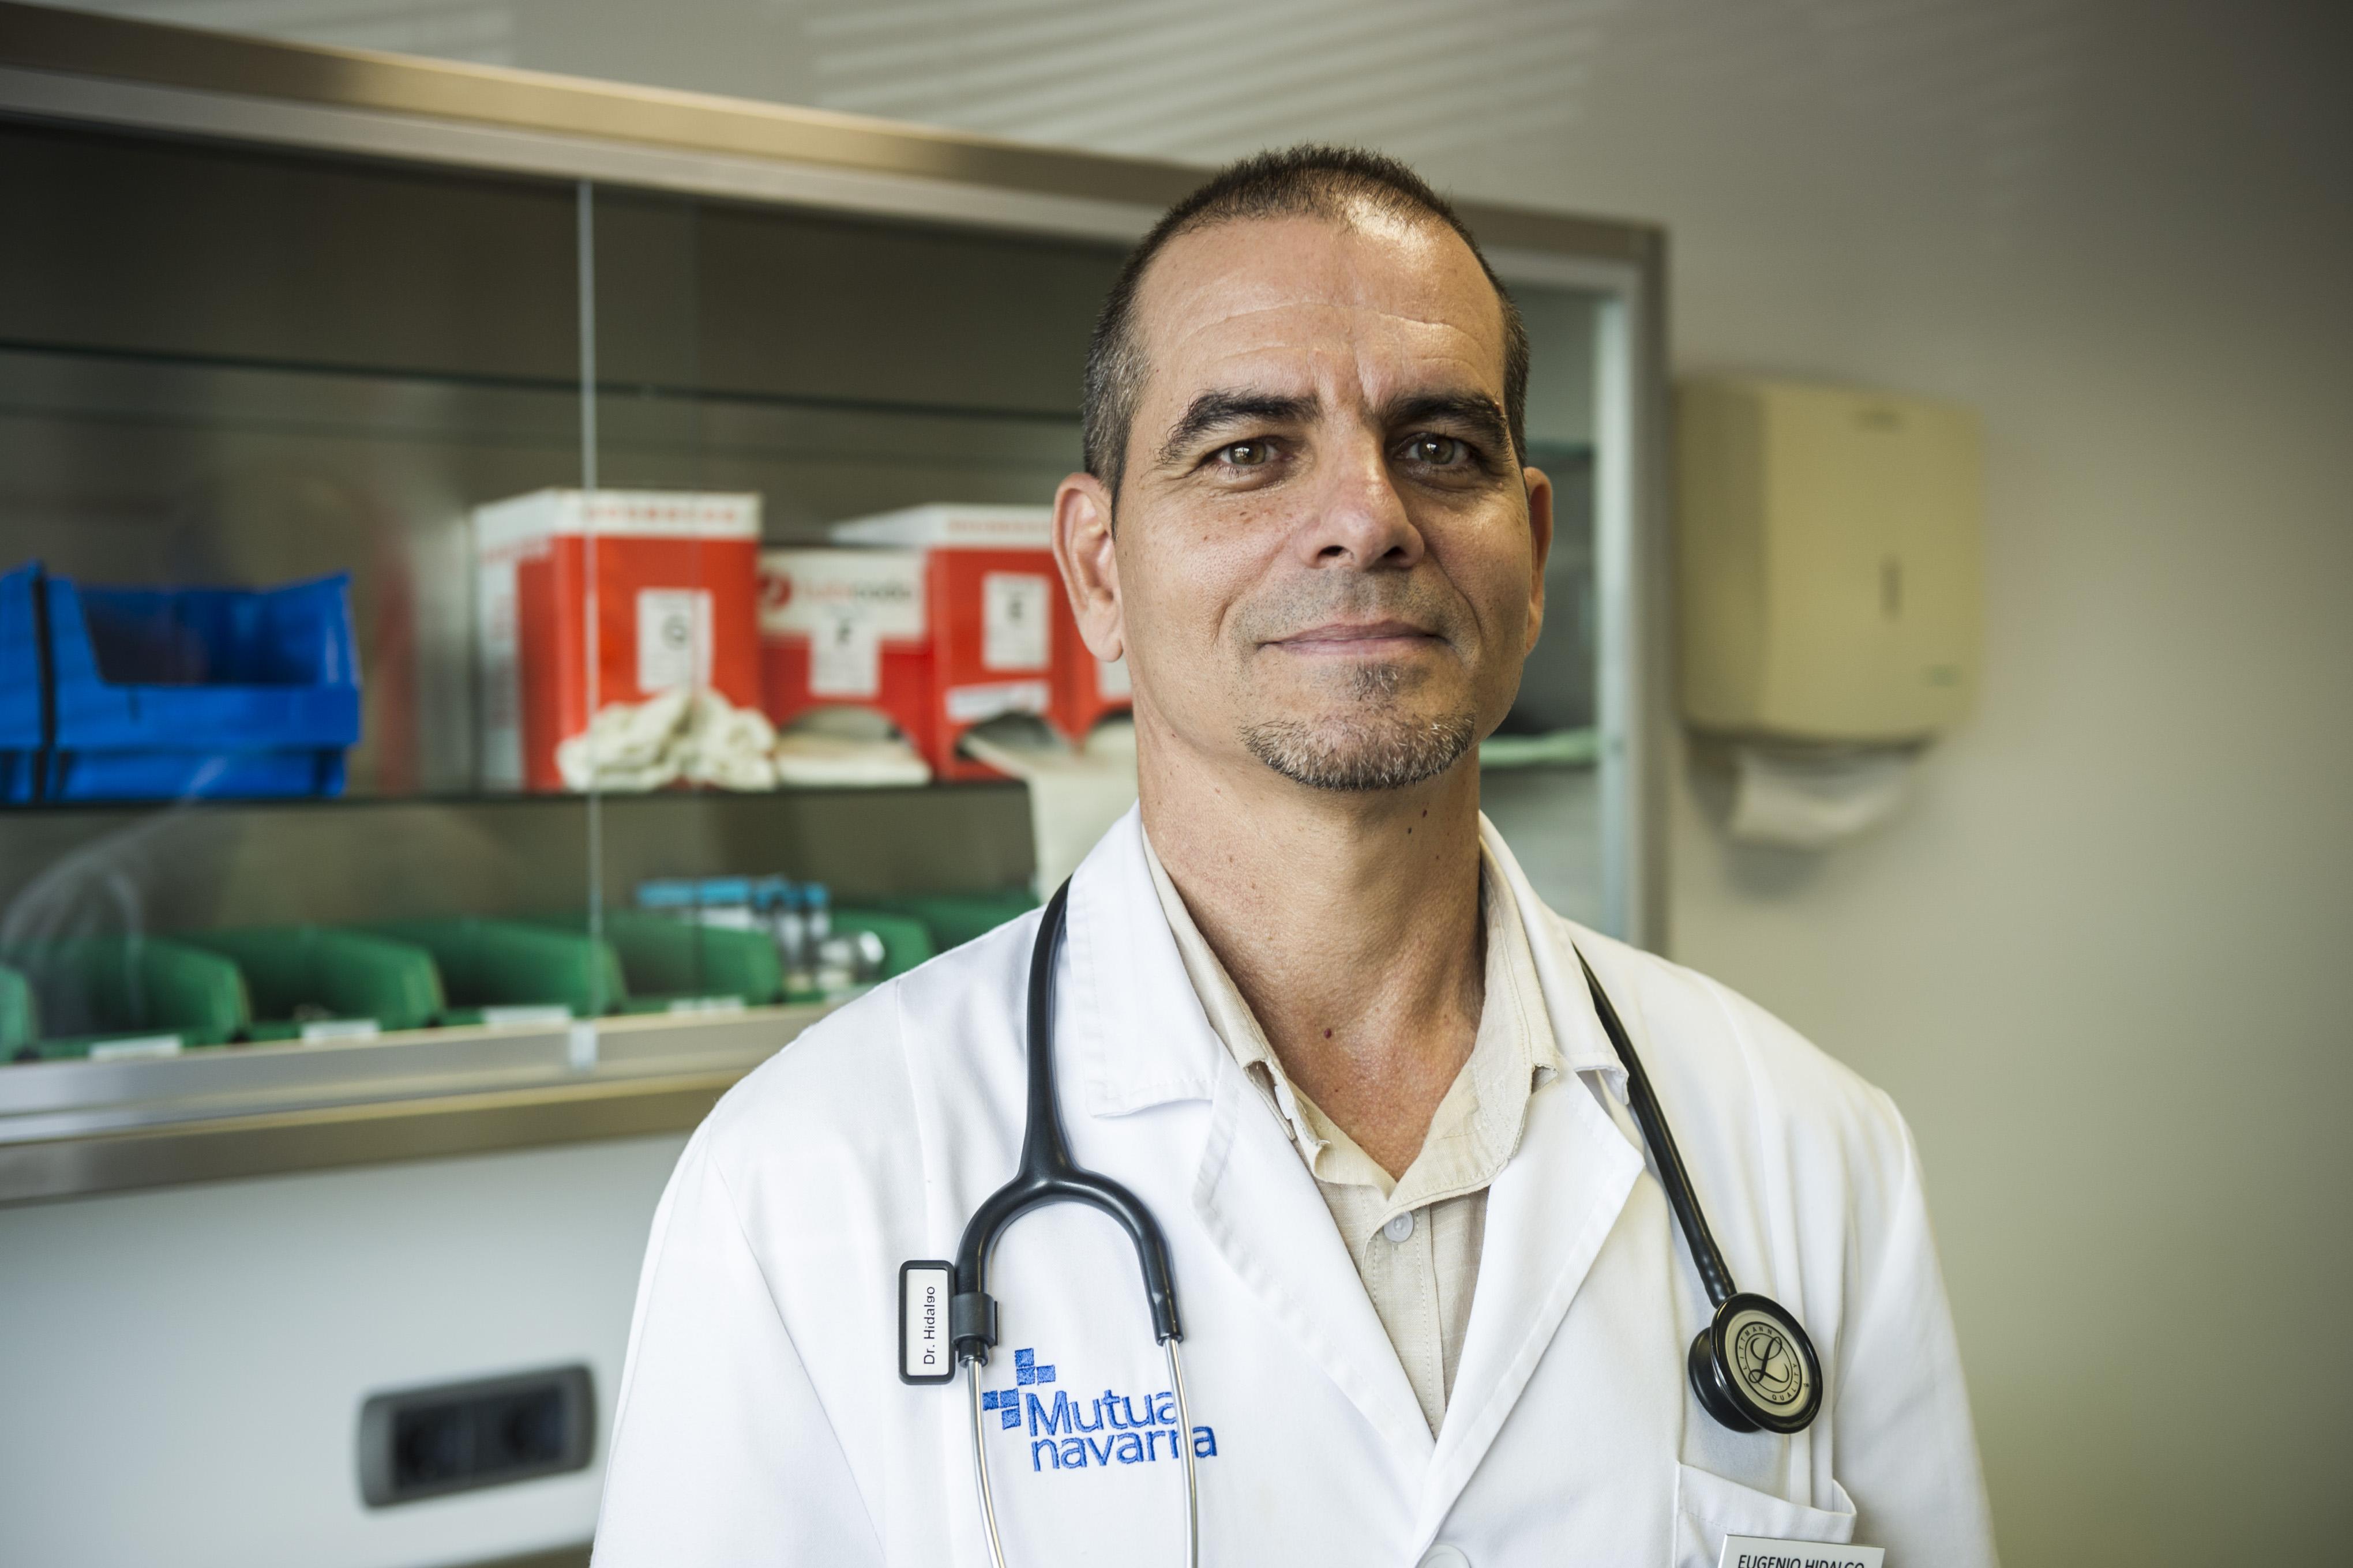 Mutua Navarra. Sede de Landaben, Pamplona. 21.09.2018. Retratos de Eugenio Hidlgo, médico de medicina general en Mutua Navarra.